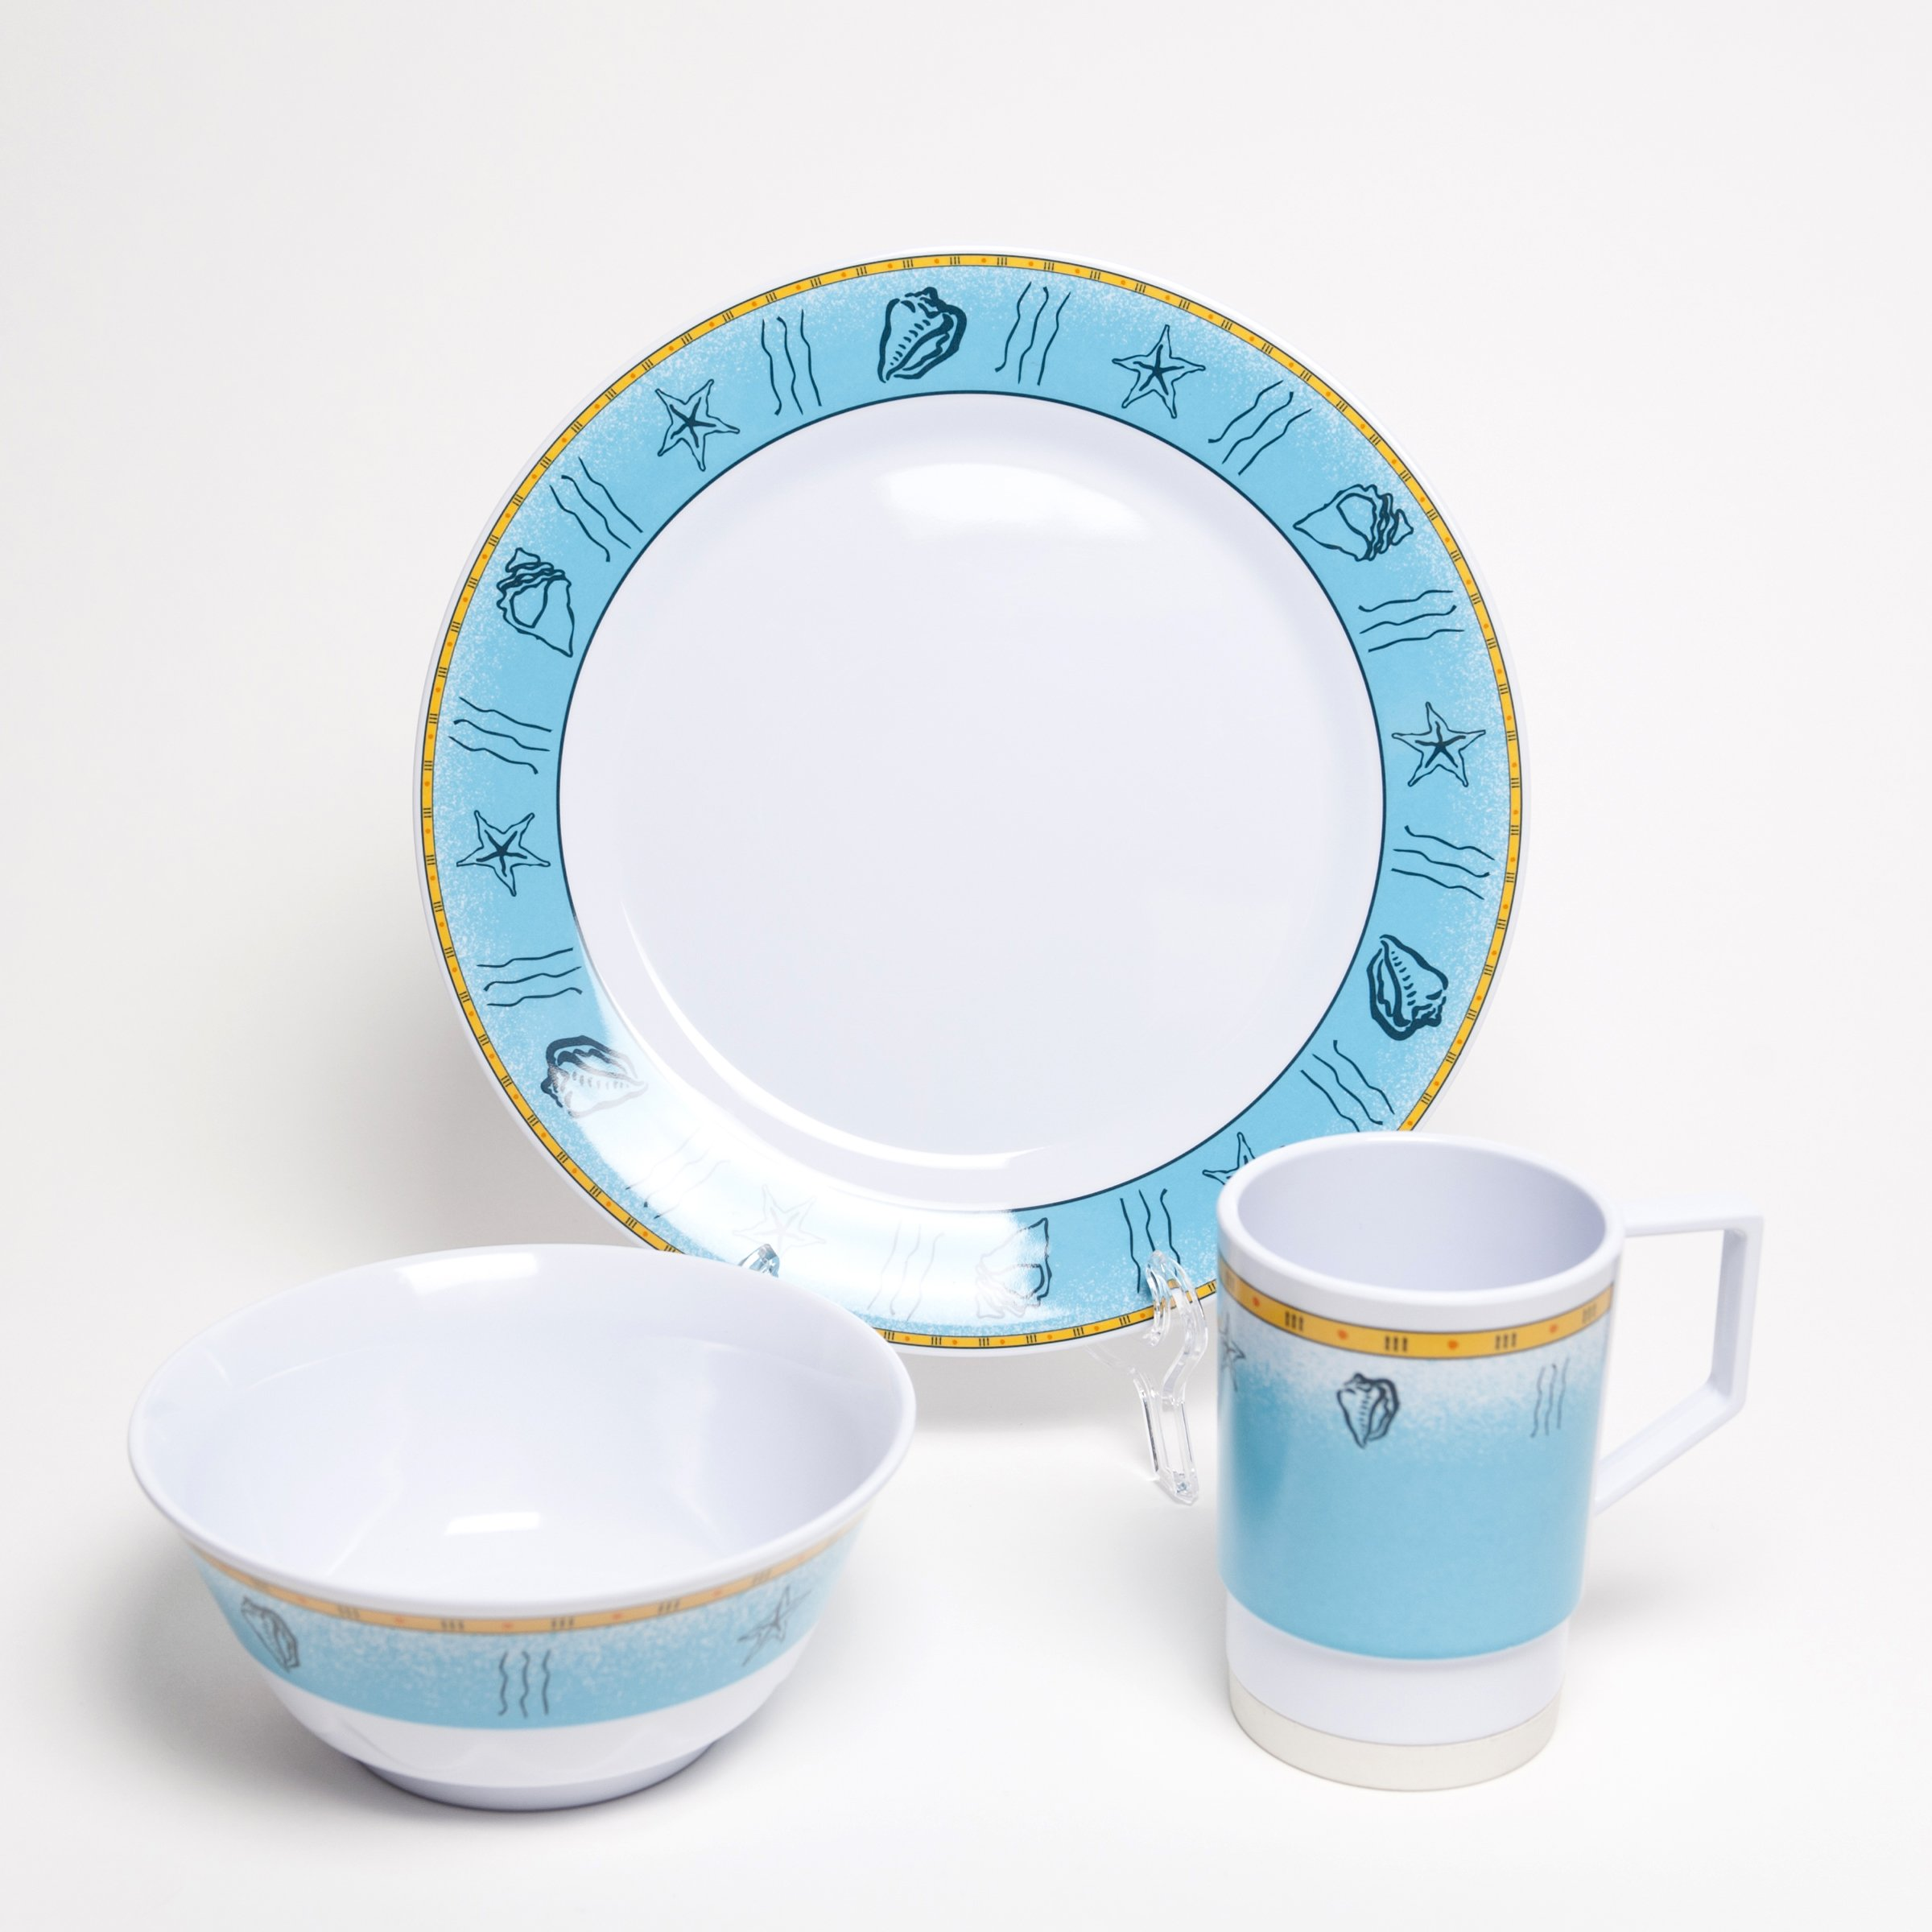 Galleyware Offshore 18 Piece Melamine Non-Skid Dinnerware Set